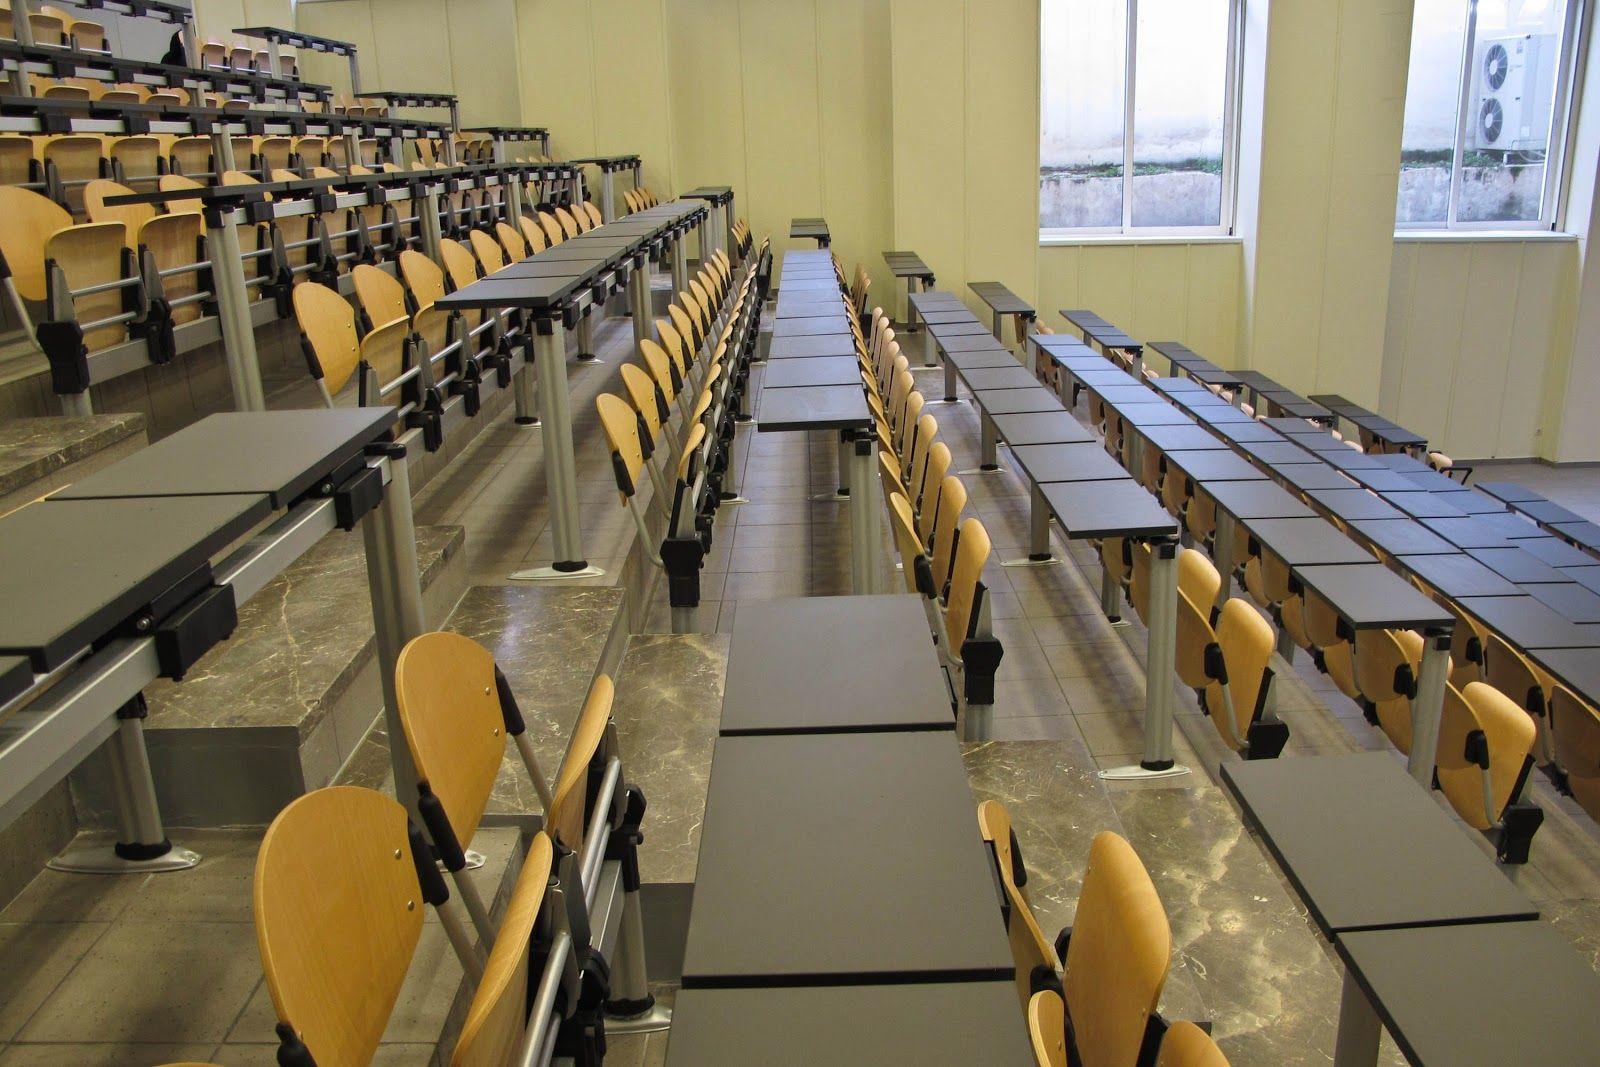 Με ποια κριτήρια επιλέγουν σχολή οι νέοι φοιτητές